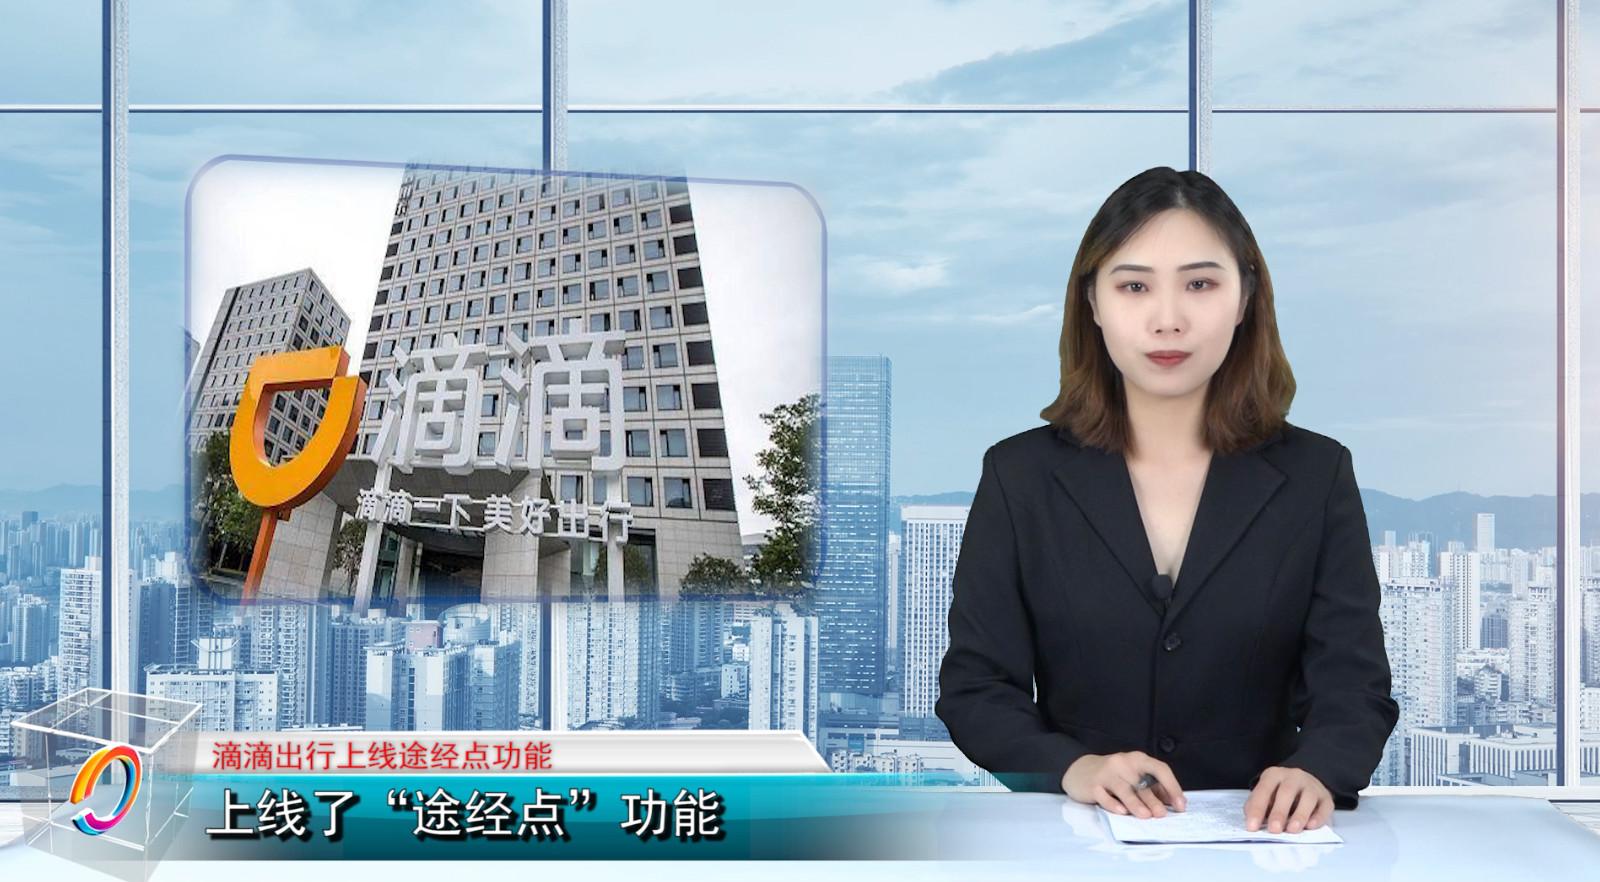 2019年胡润五百强排名第十,滴滴出行上线途经点功能